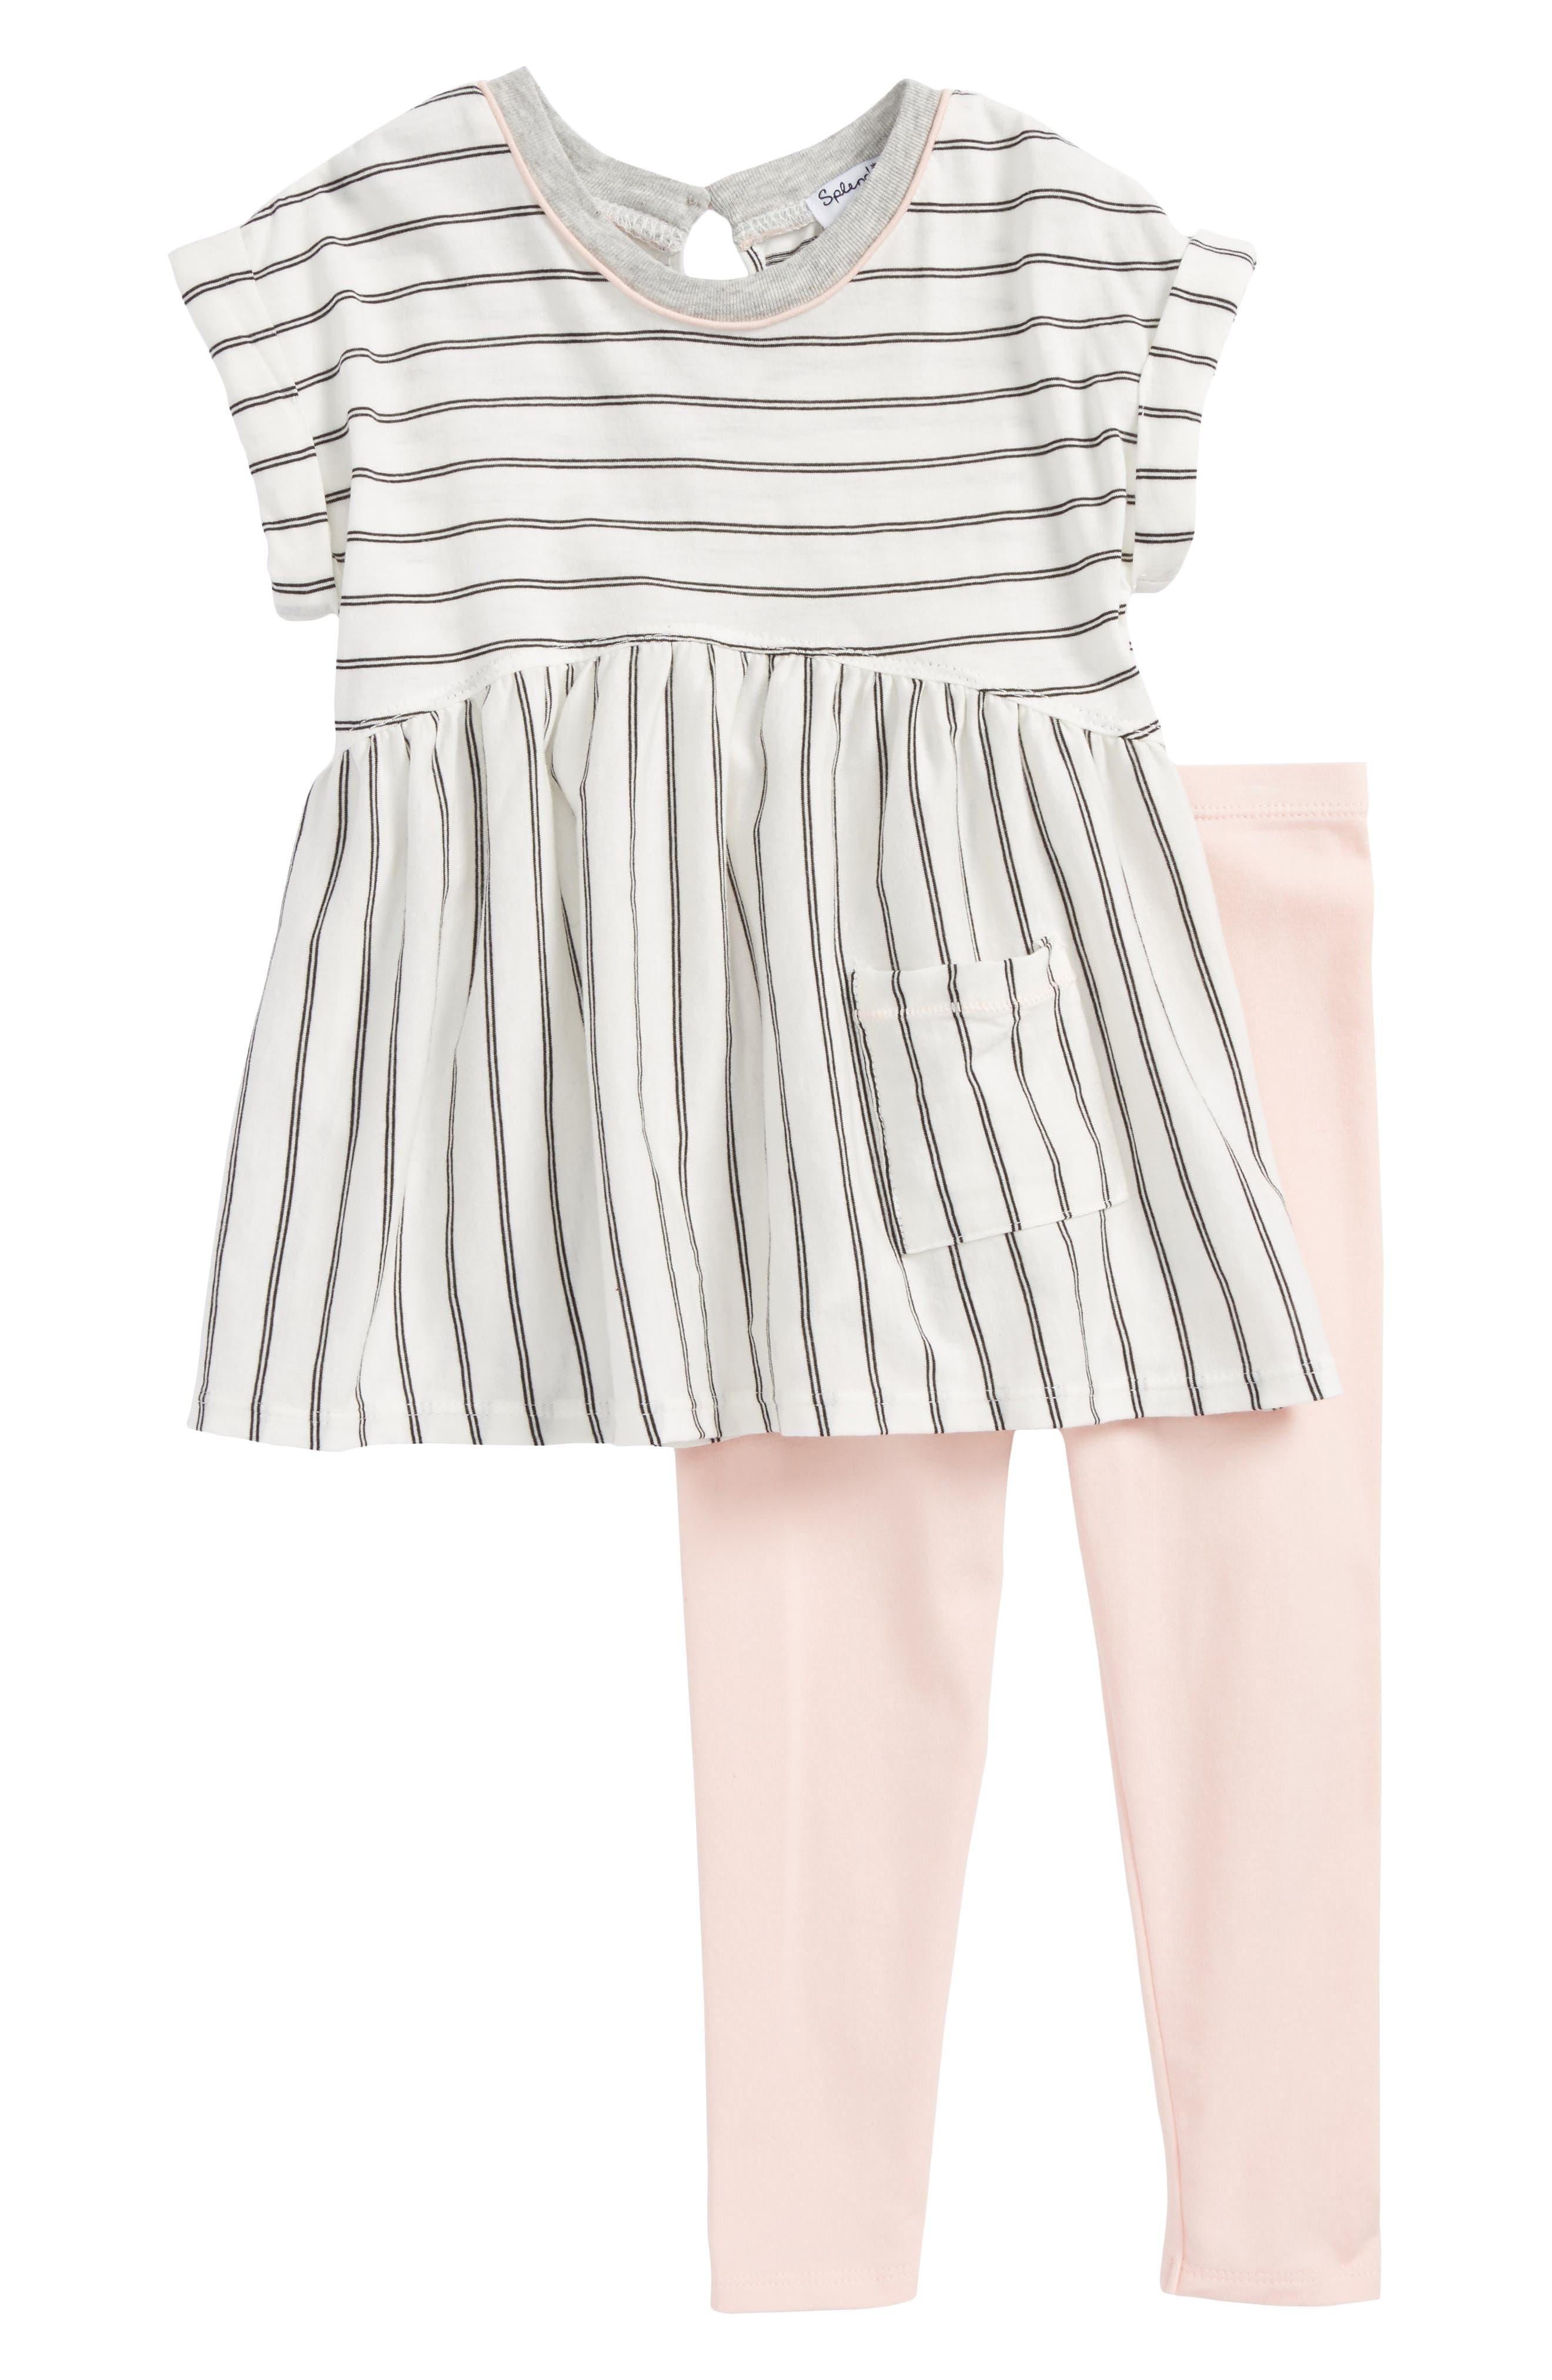 Alternate Image 1 Selected - Splendid Stripe Top & Leggings Set (Toddler Girls & Little Girls)